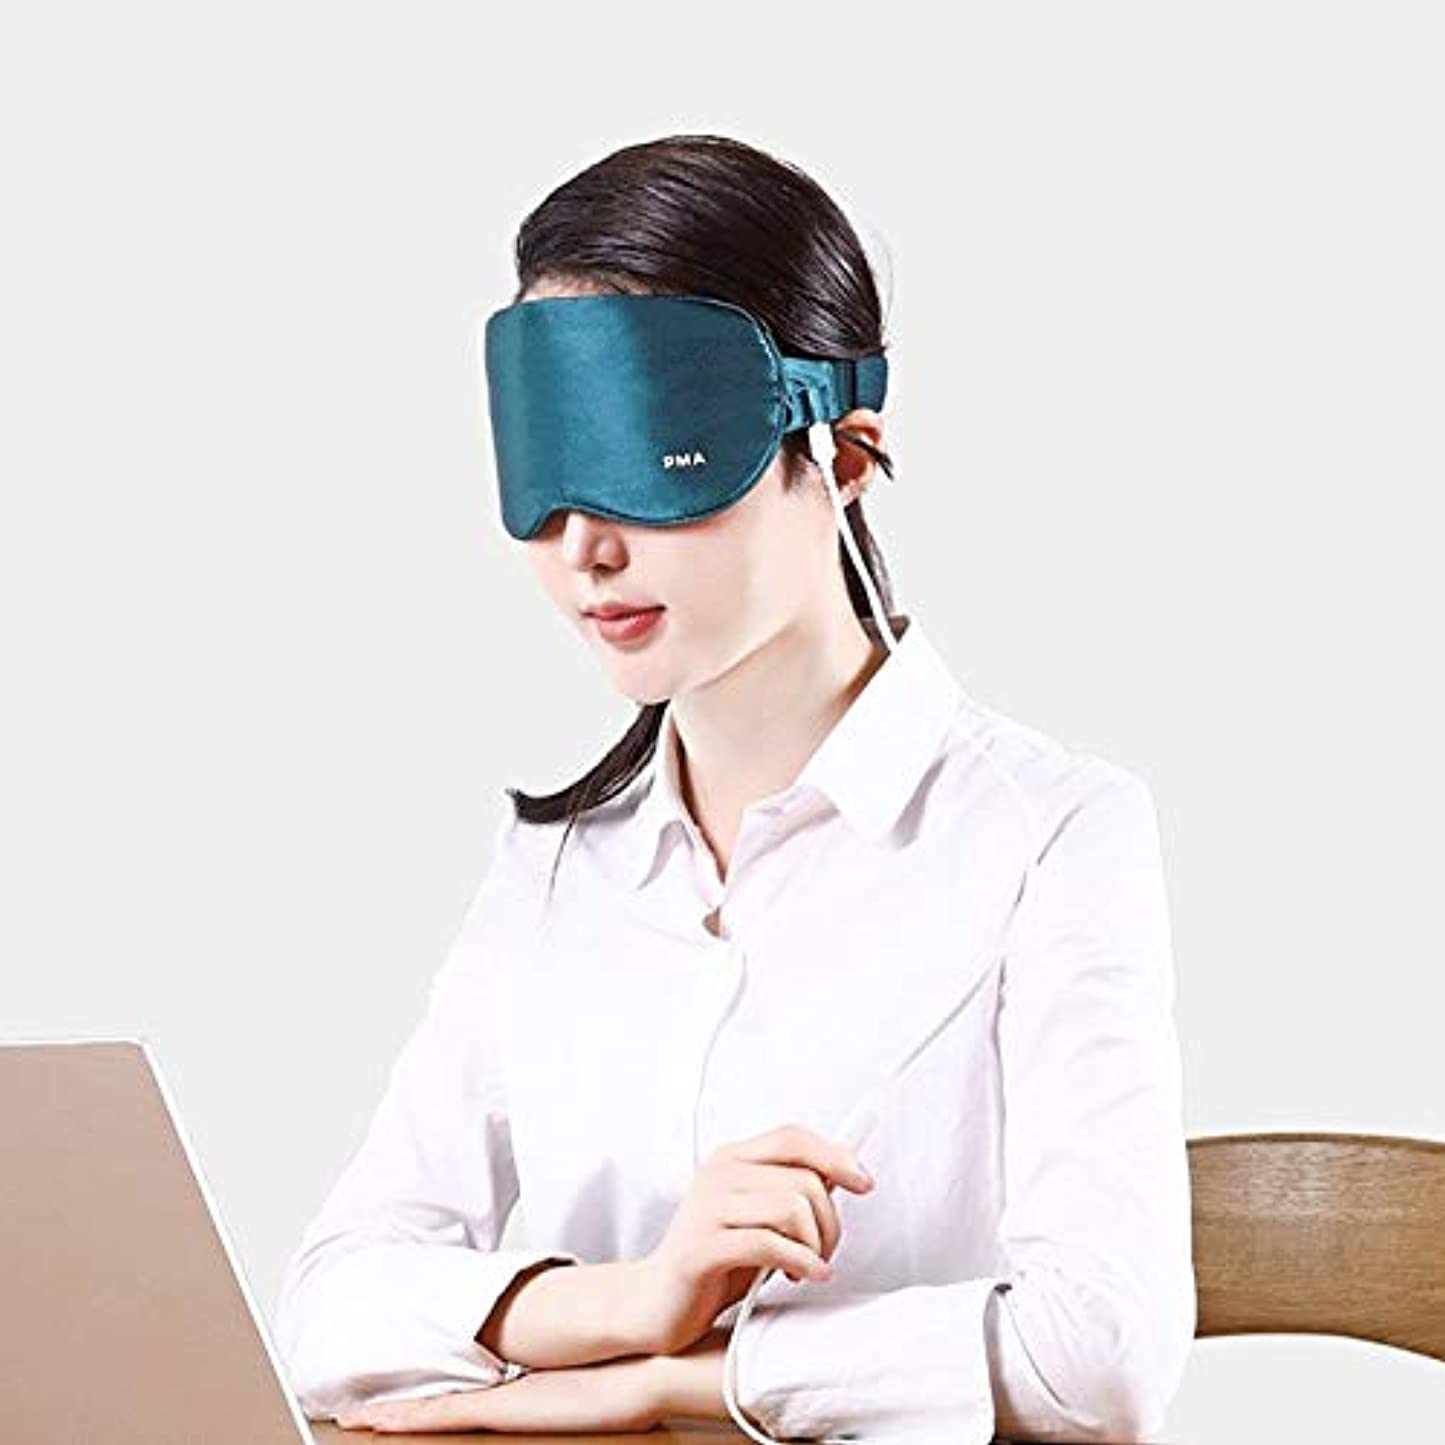 接続スケートキャロラインNOTE グスタラ睡眠アイマスク発熱シルク目隠し用アイケアツール睡眠マスク自動電源オフ調節可能な温度